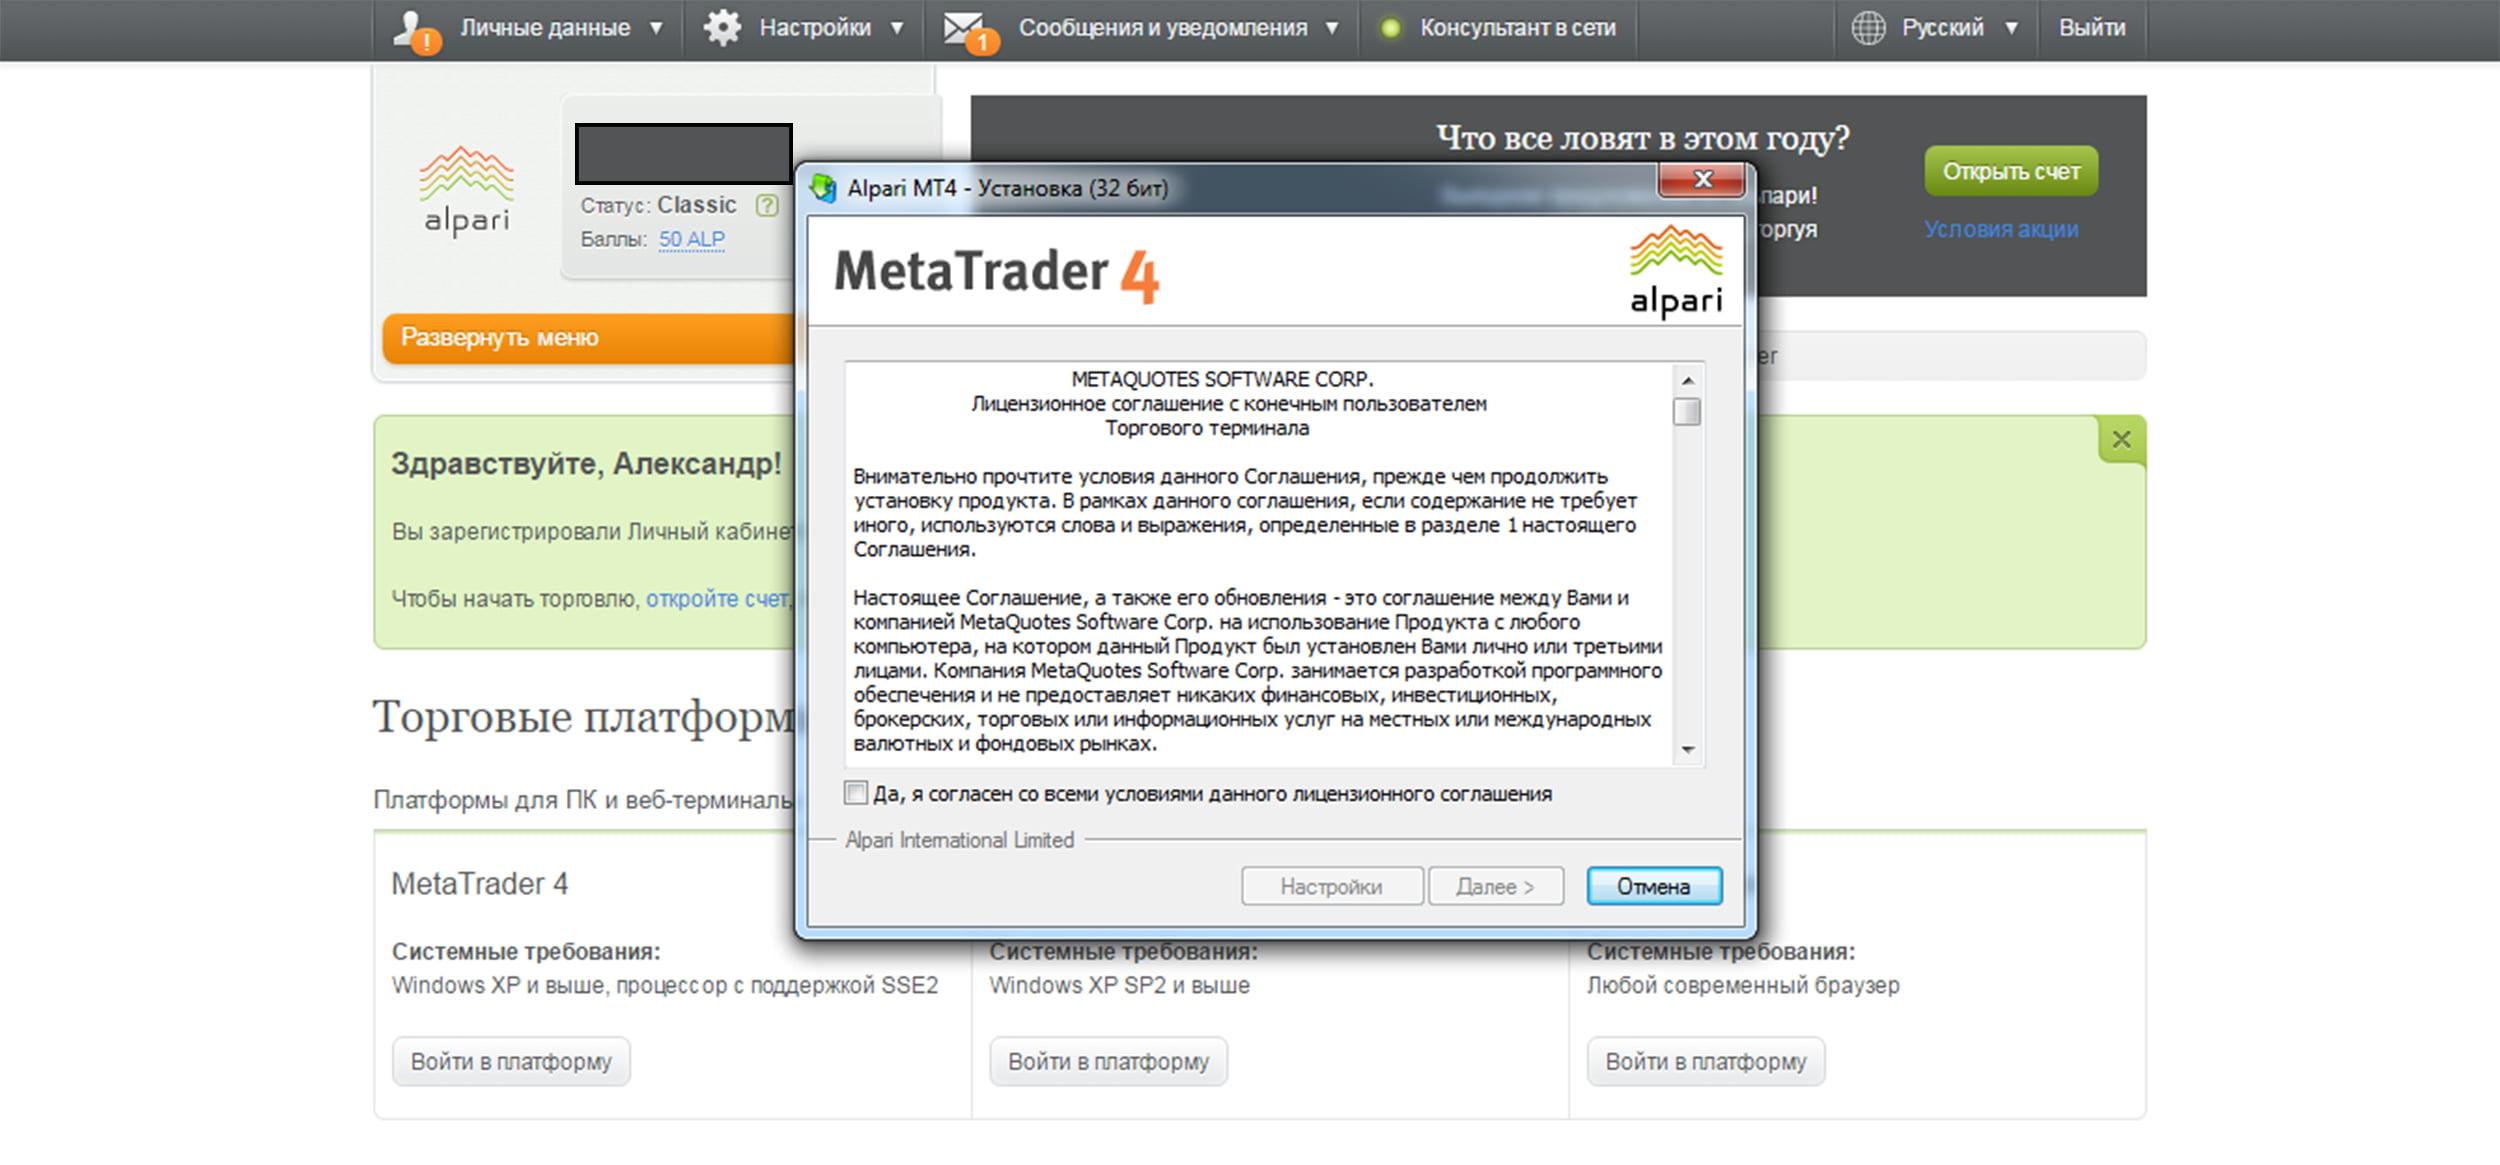 Прочтите условия соглашения установки Метатрейдер 4